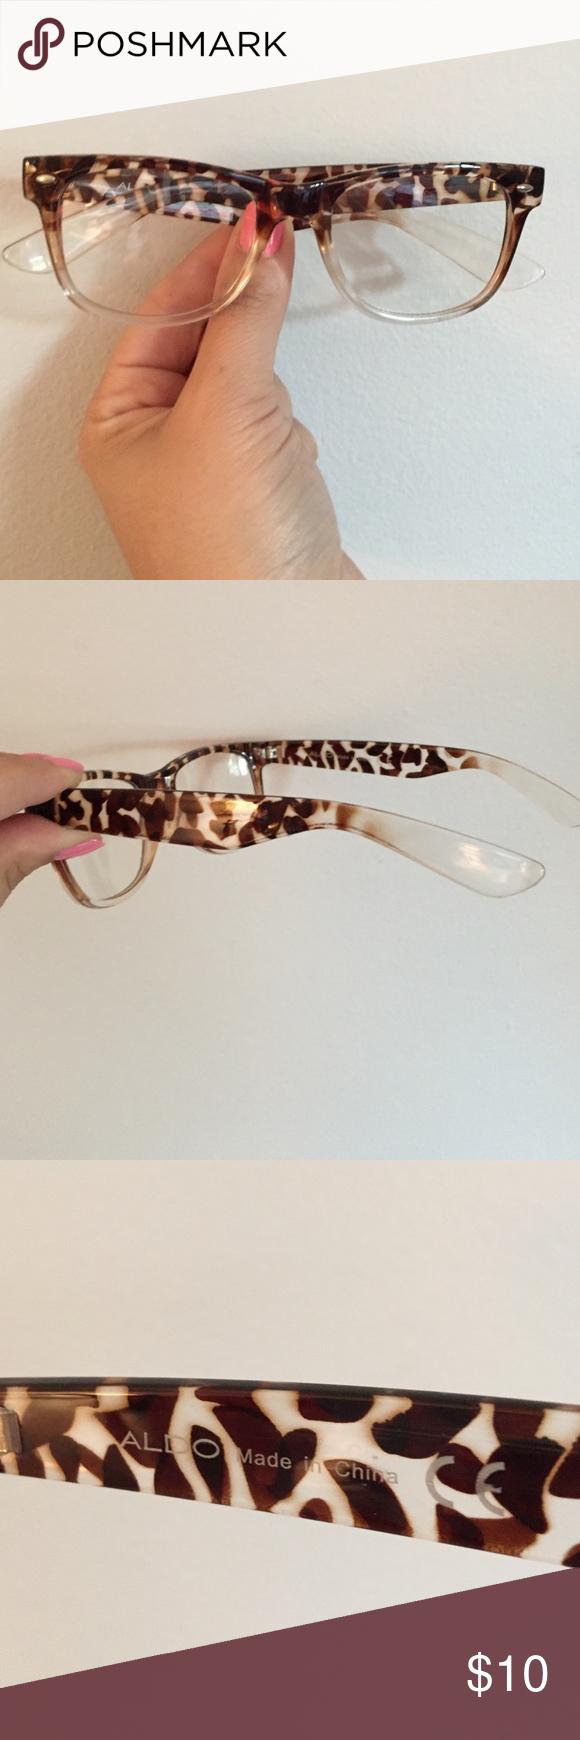 456835cc2b68 Aldo fake glasses Super cute glasses! No prescription. ALDO Accessories  Glasses